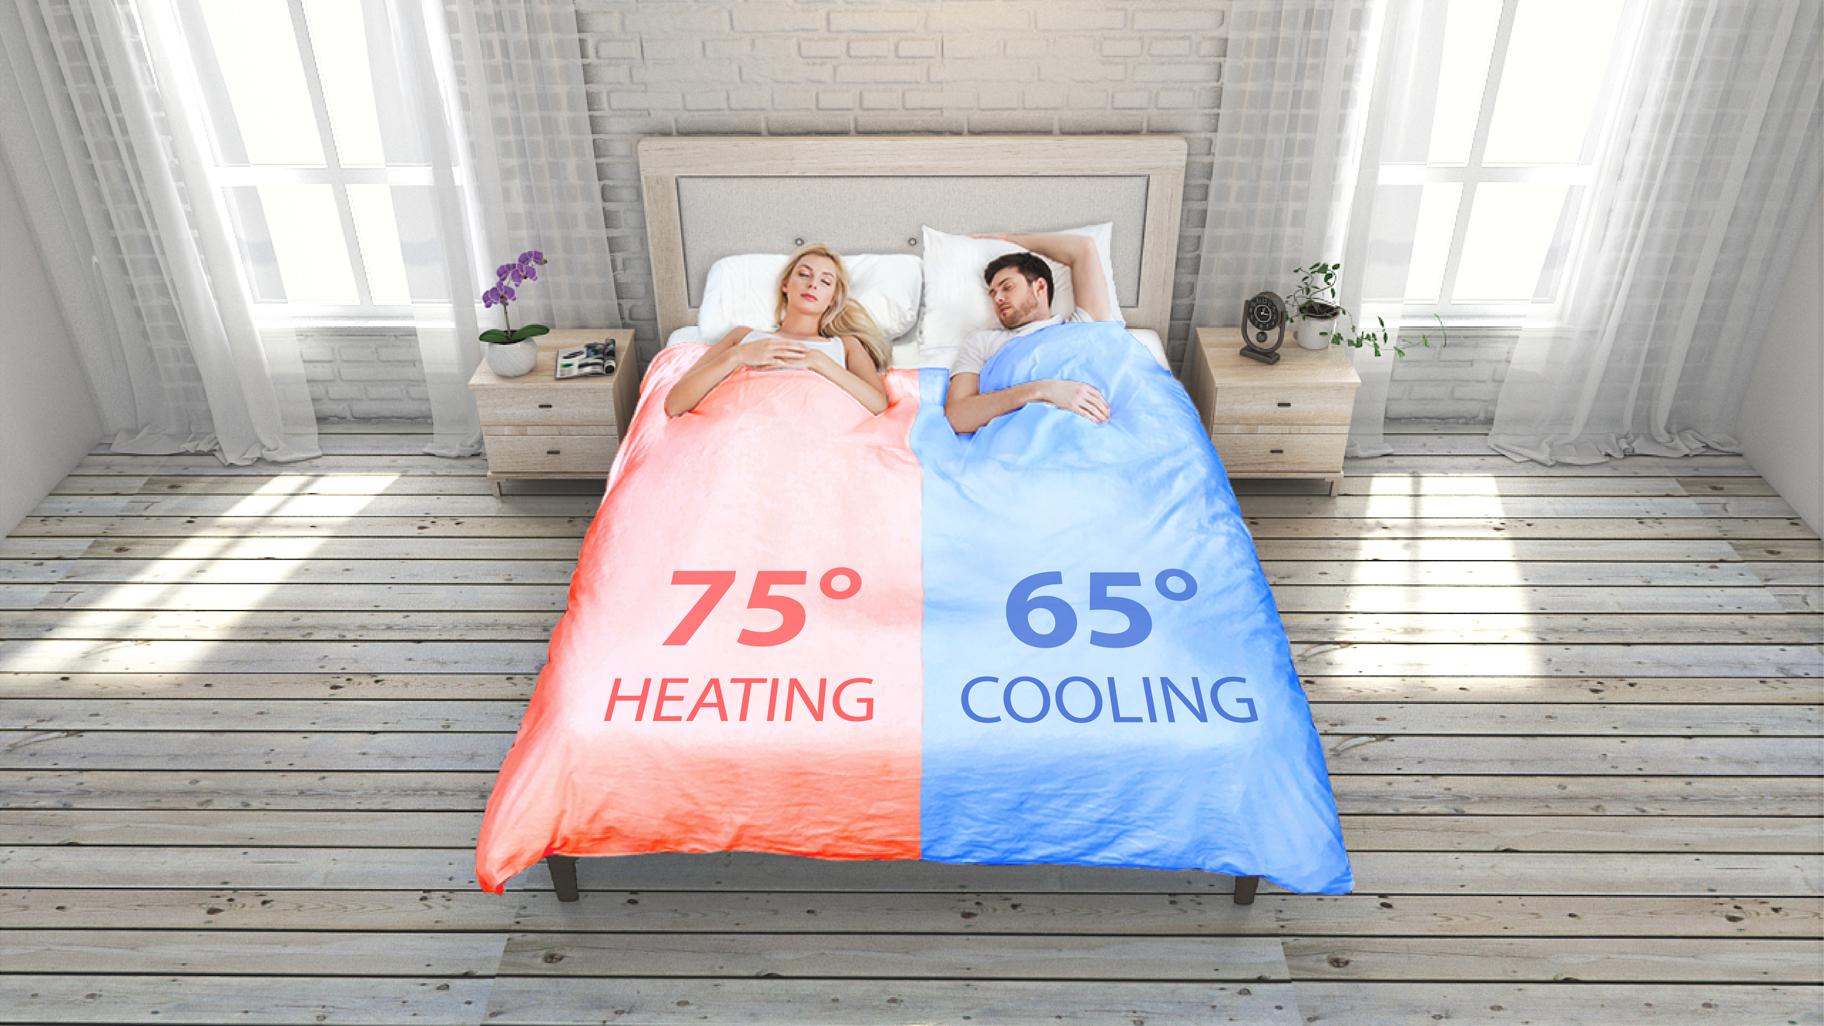 Diese smarte Bettdecke kontrolliert die Temperatur beim Schlafen